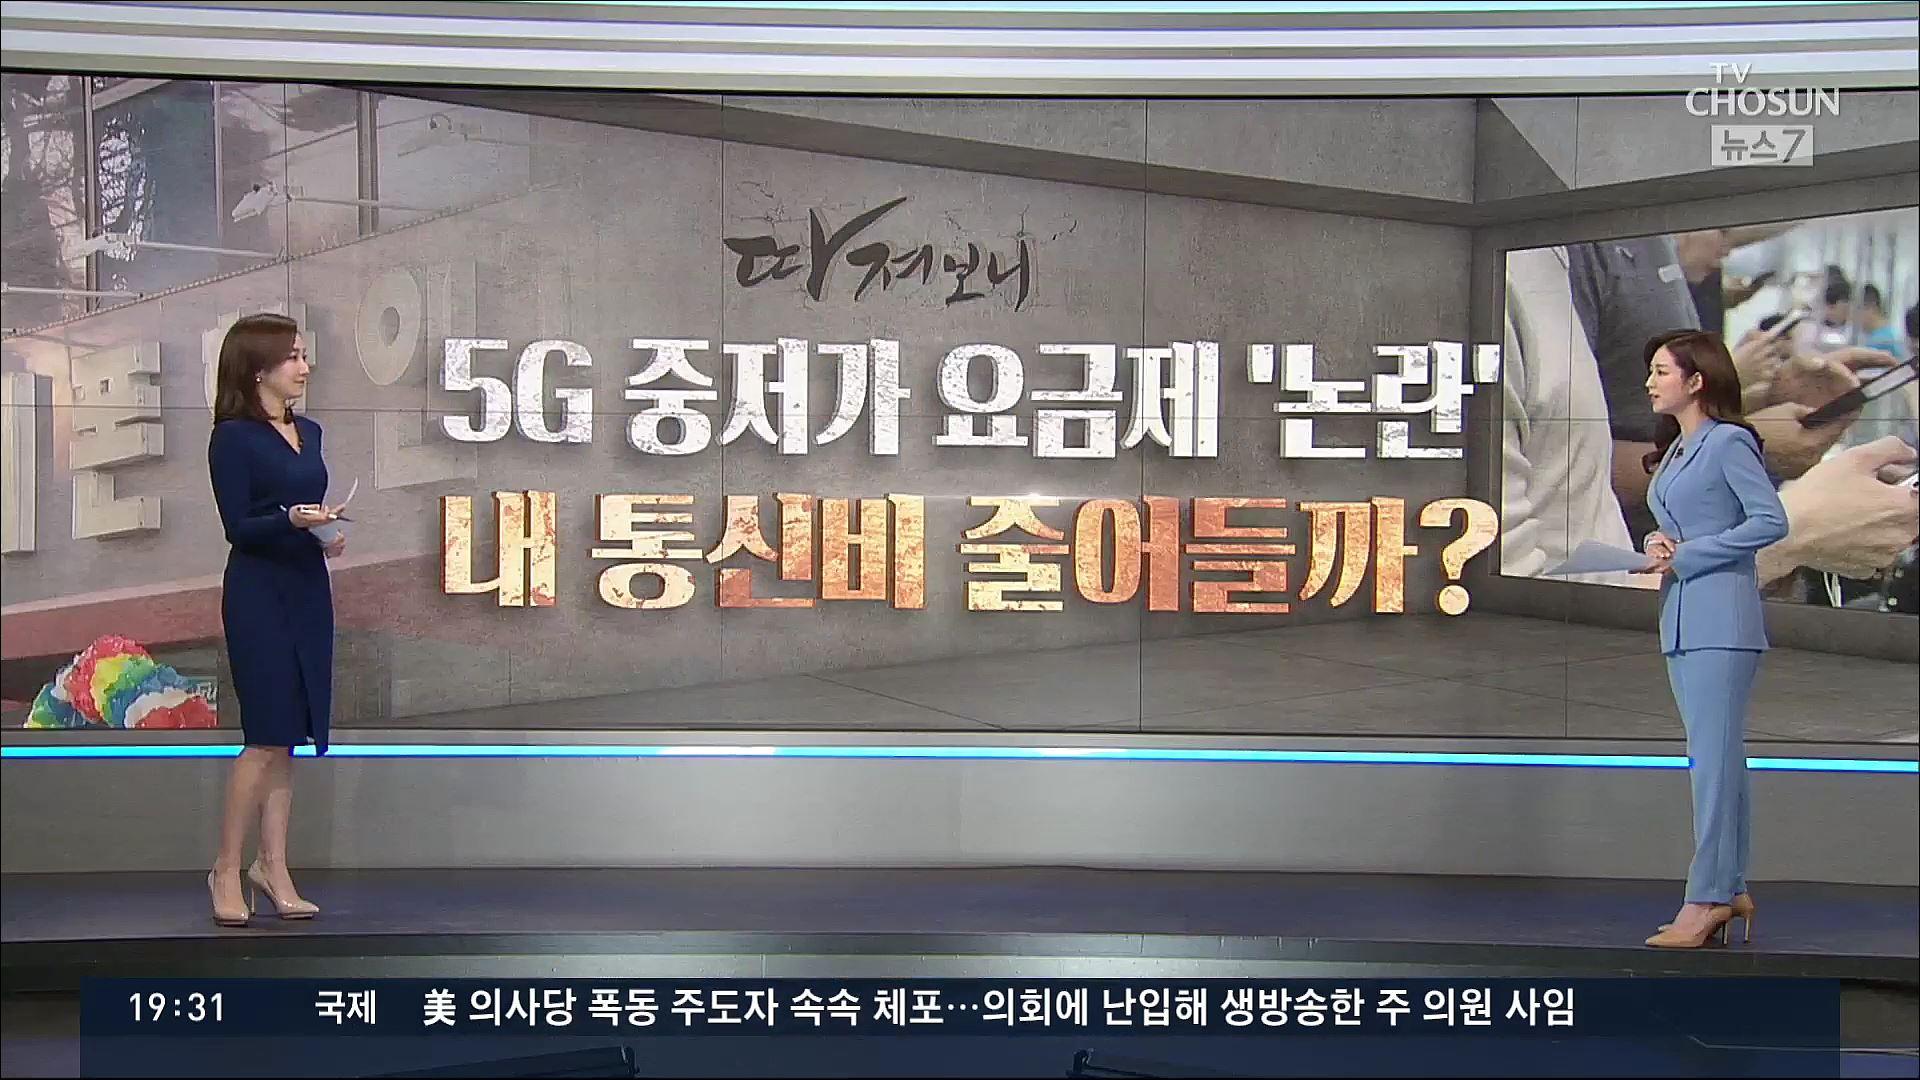 [따져보니] 5G 중저가 요금 '논란'…내 통신비 줄어들까